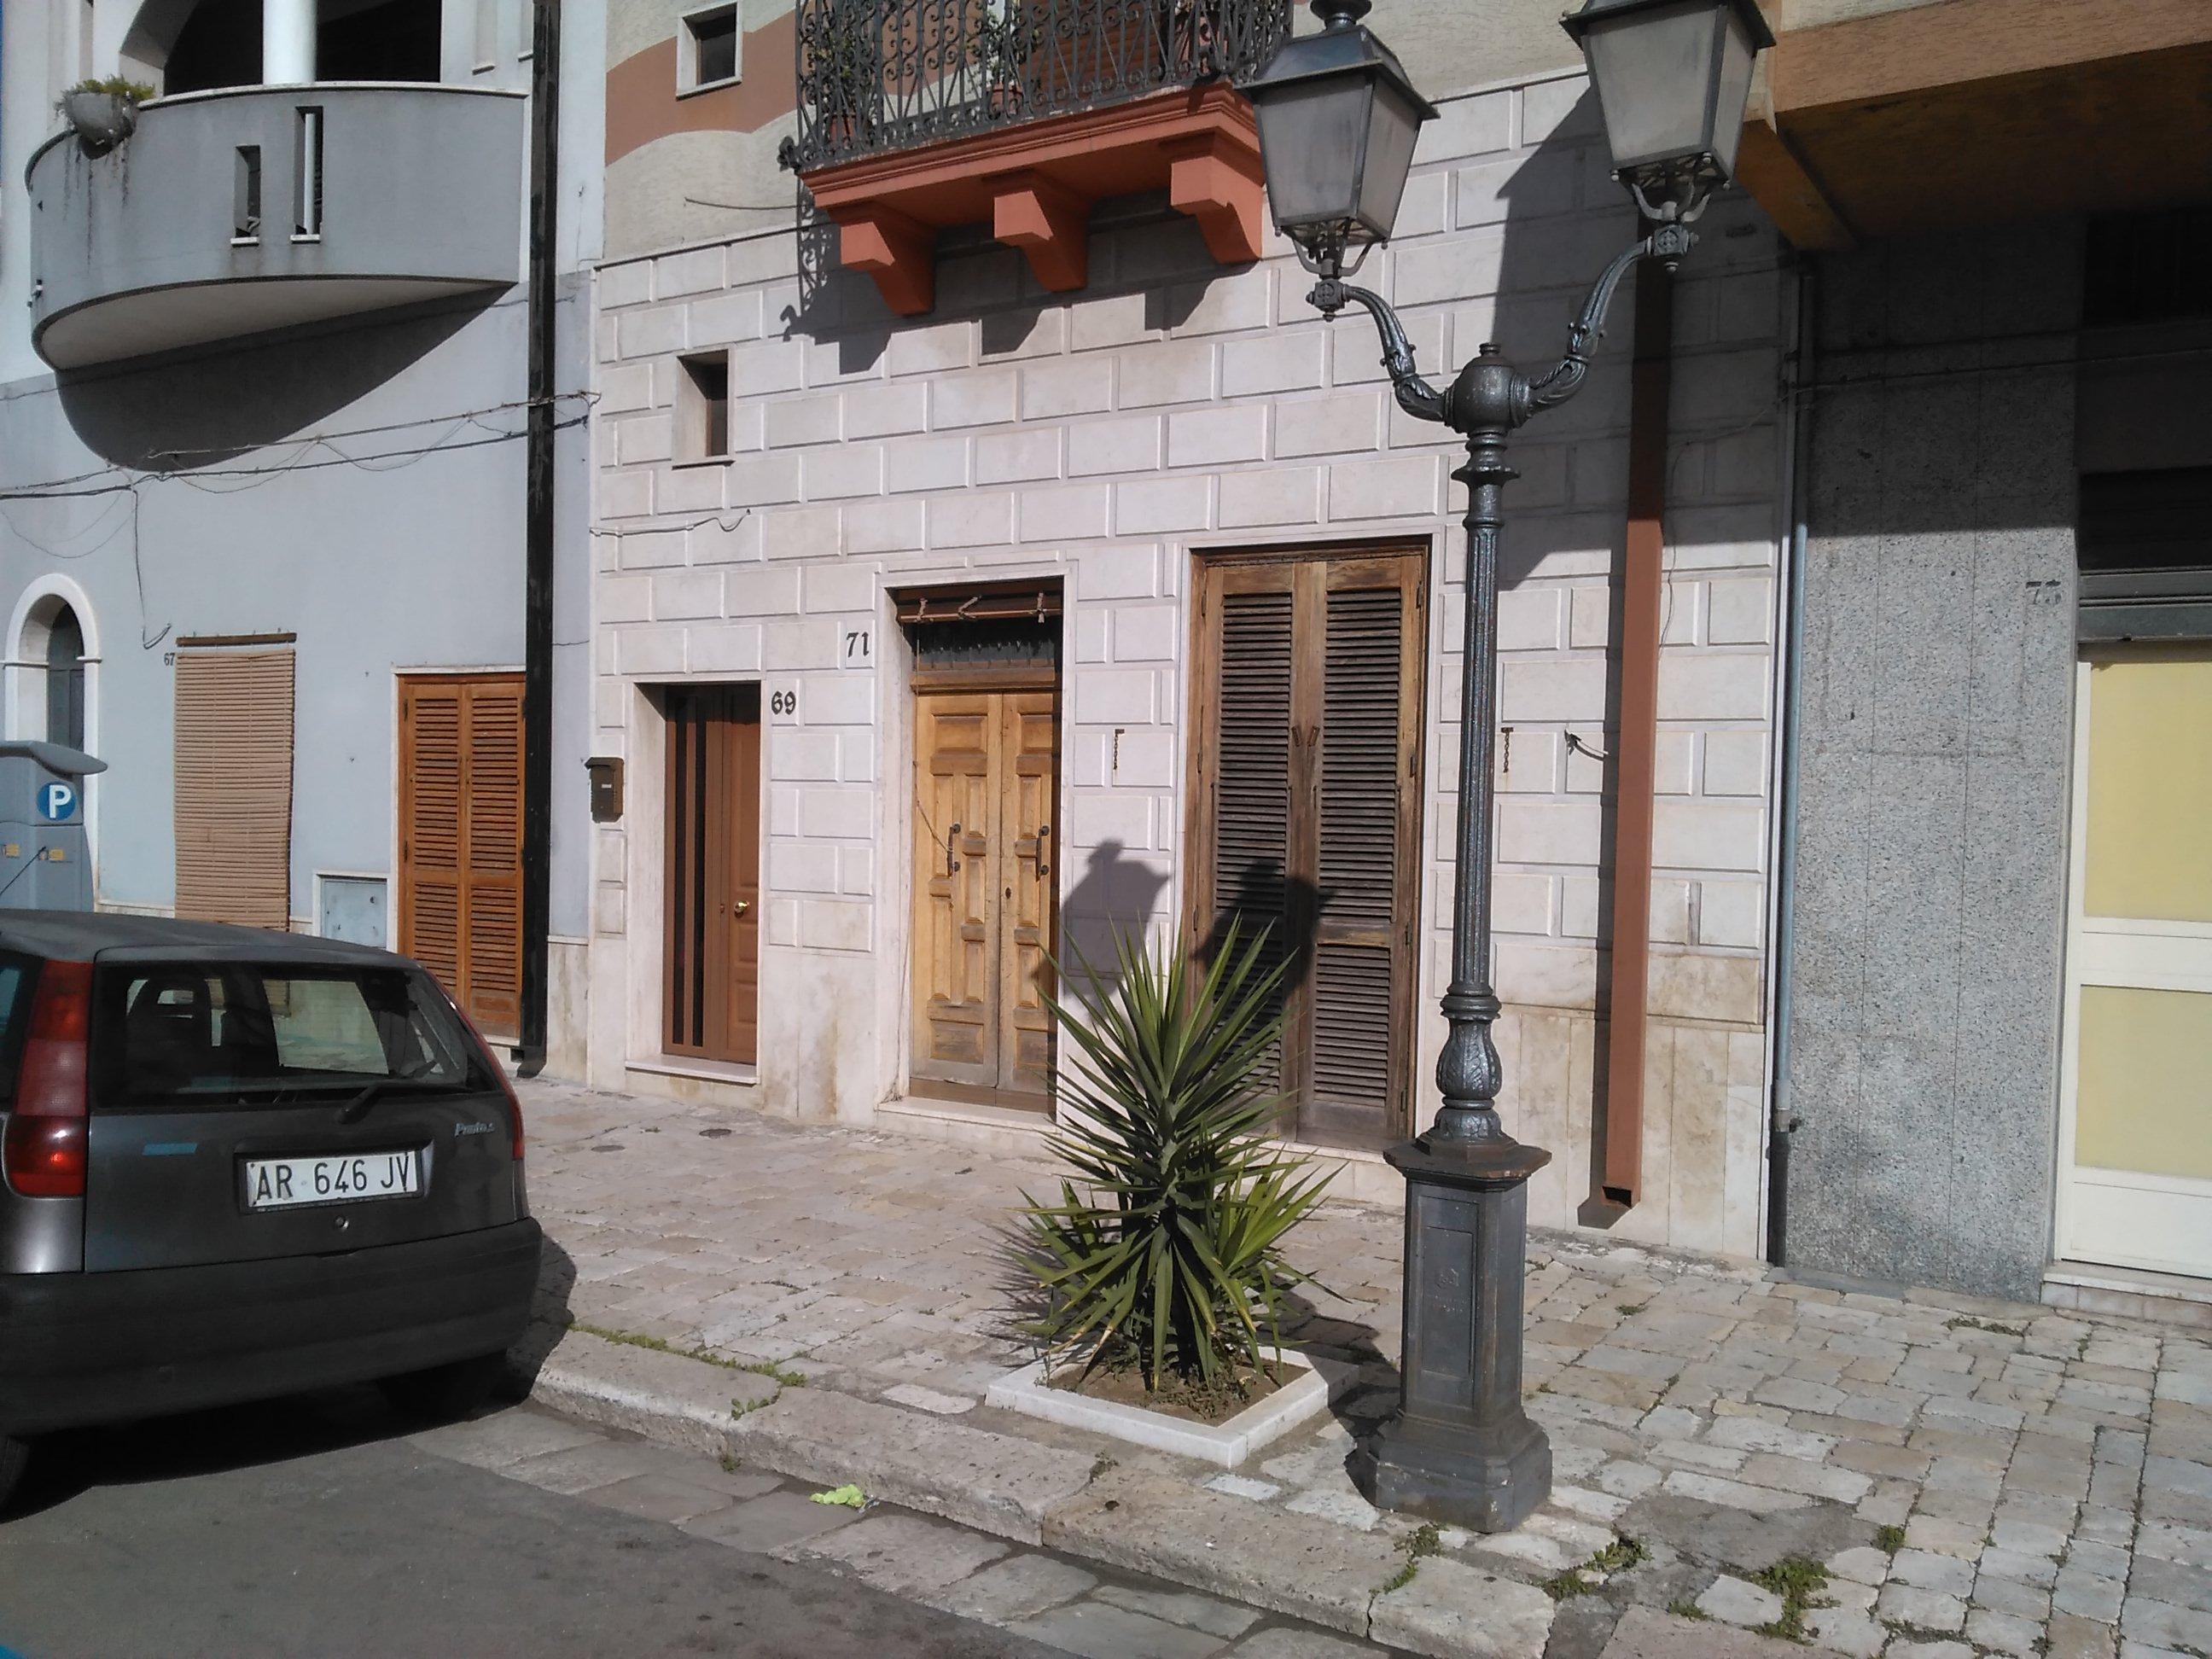 Mesagne (BR) - Via Roma, 71 - Corte Rascaccio